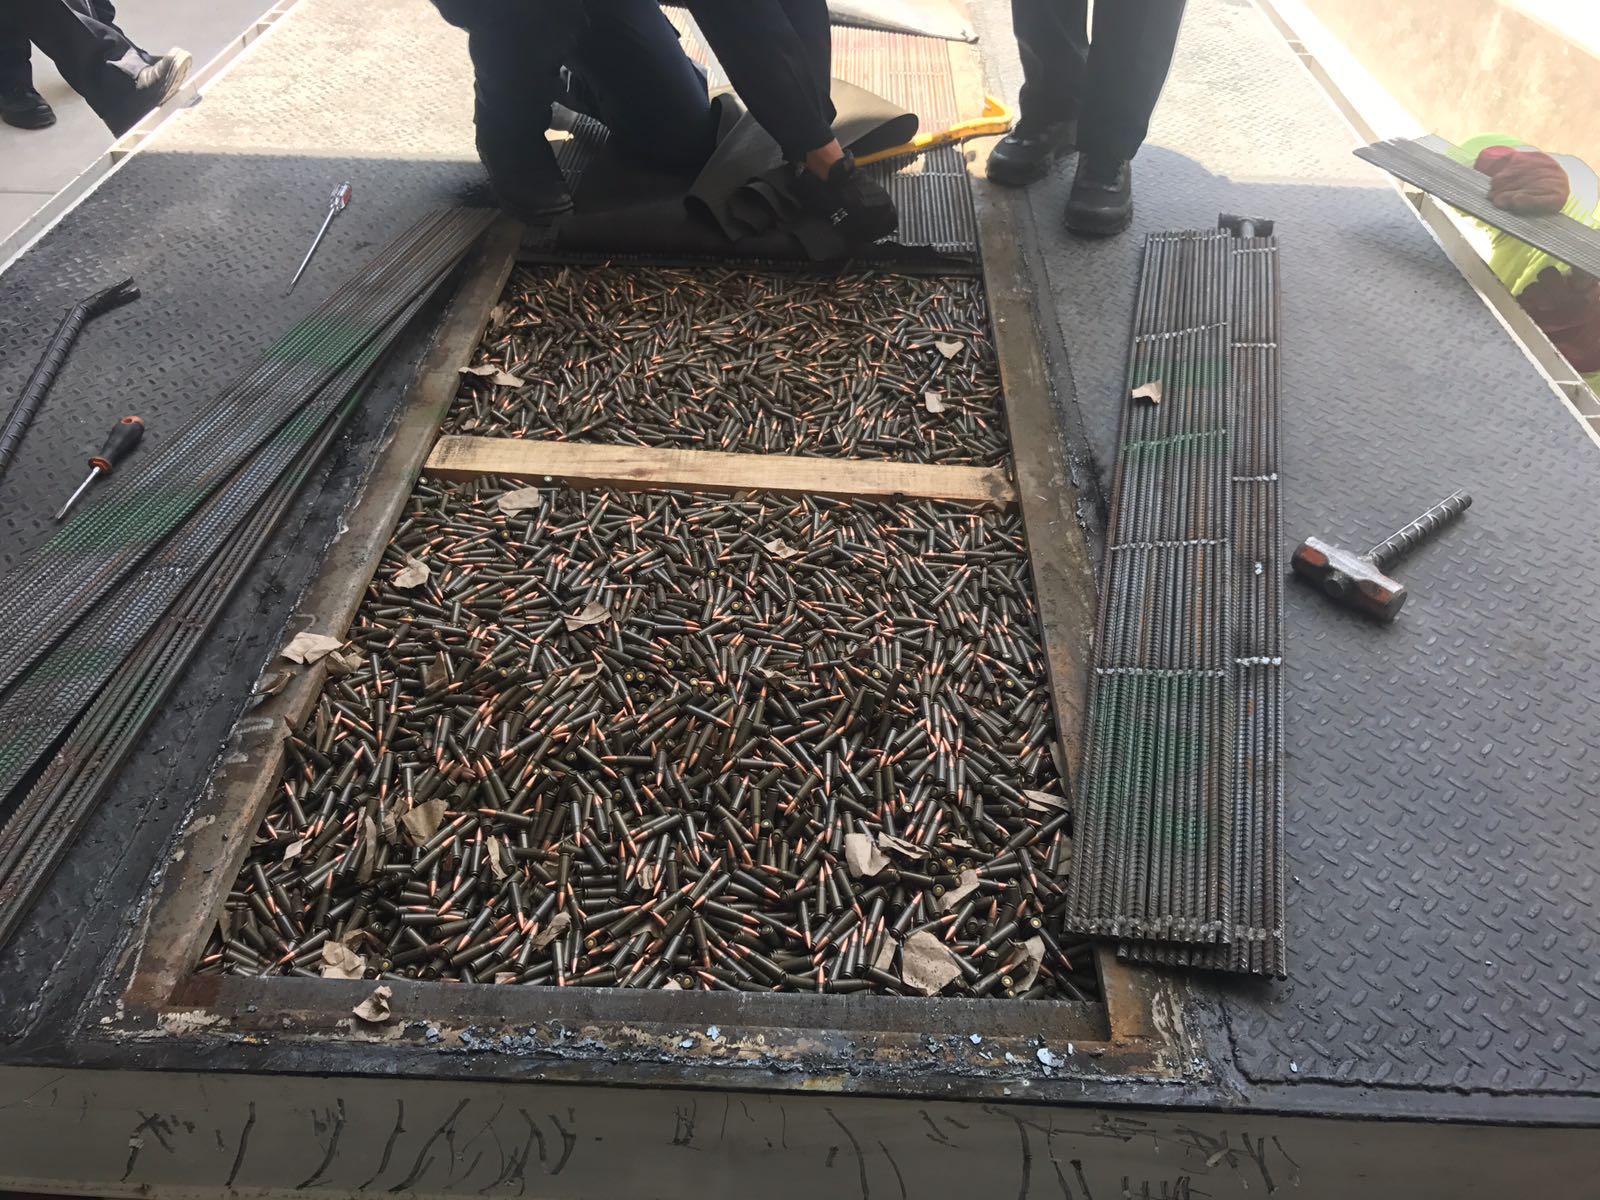 Policía federal asegura cargamento de municiones en Sonora